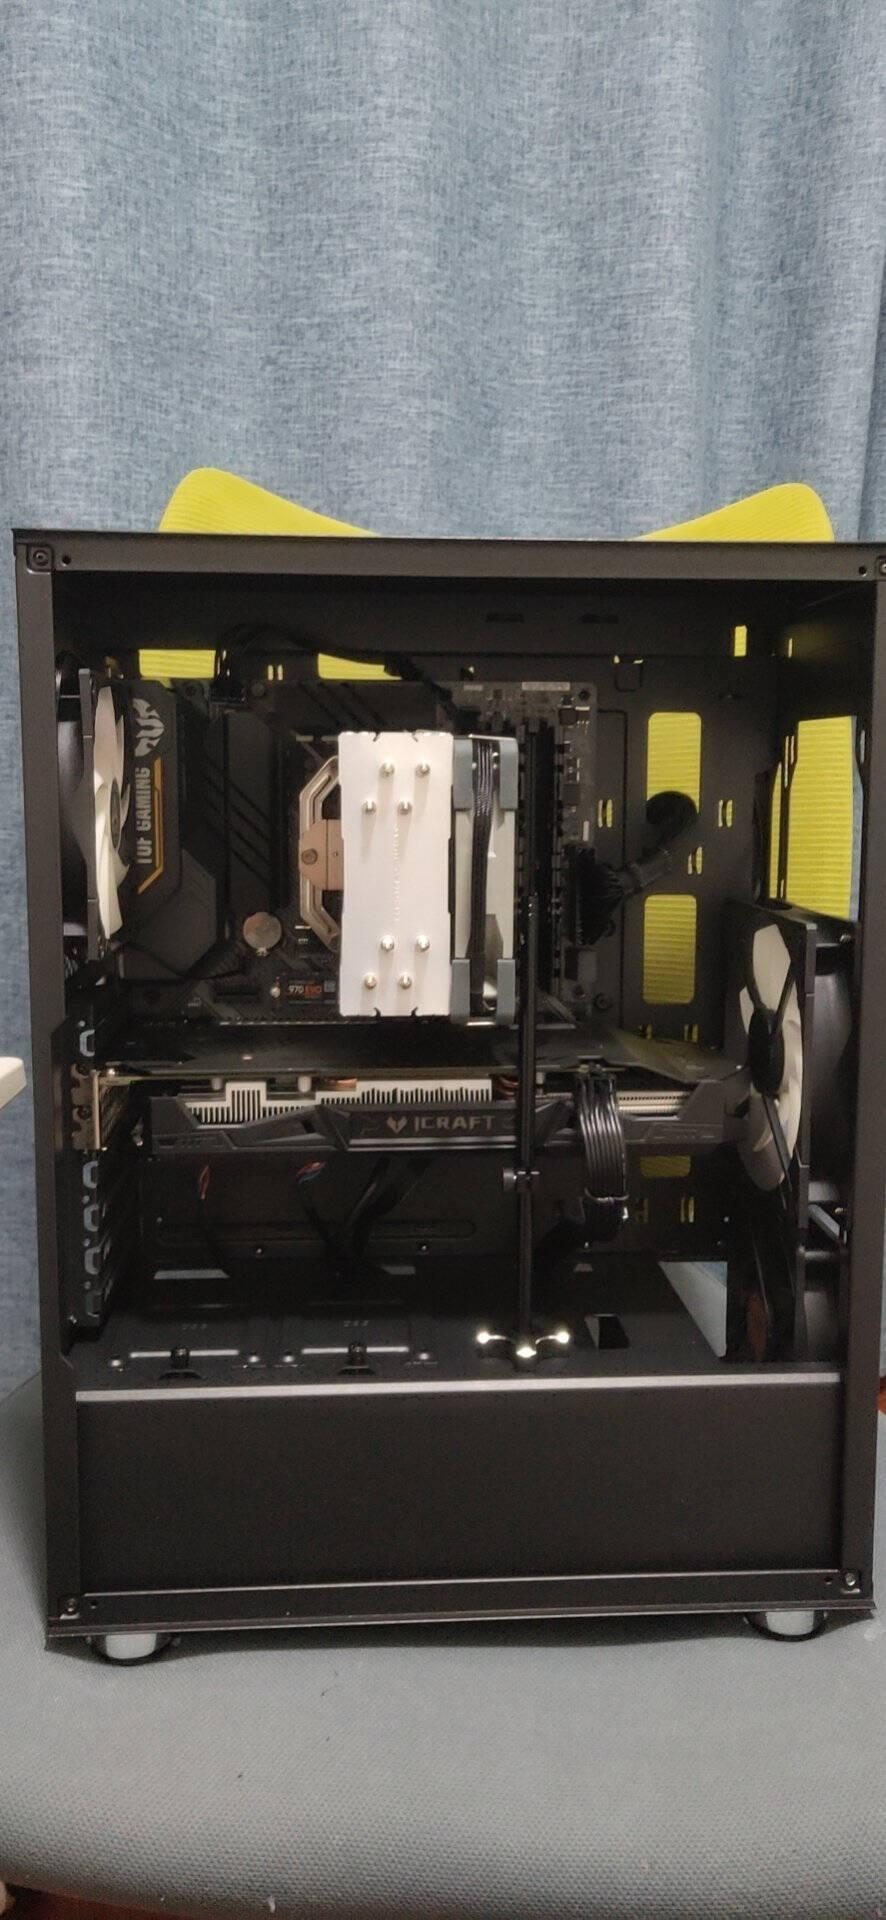 爱国者(aigo)黑曼巴F1黑色主动式静音机箱+额定650W电竞ES650全模组金牌电源